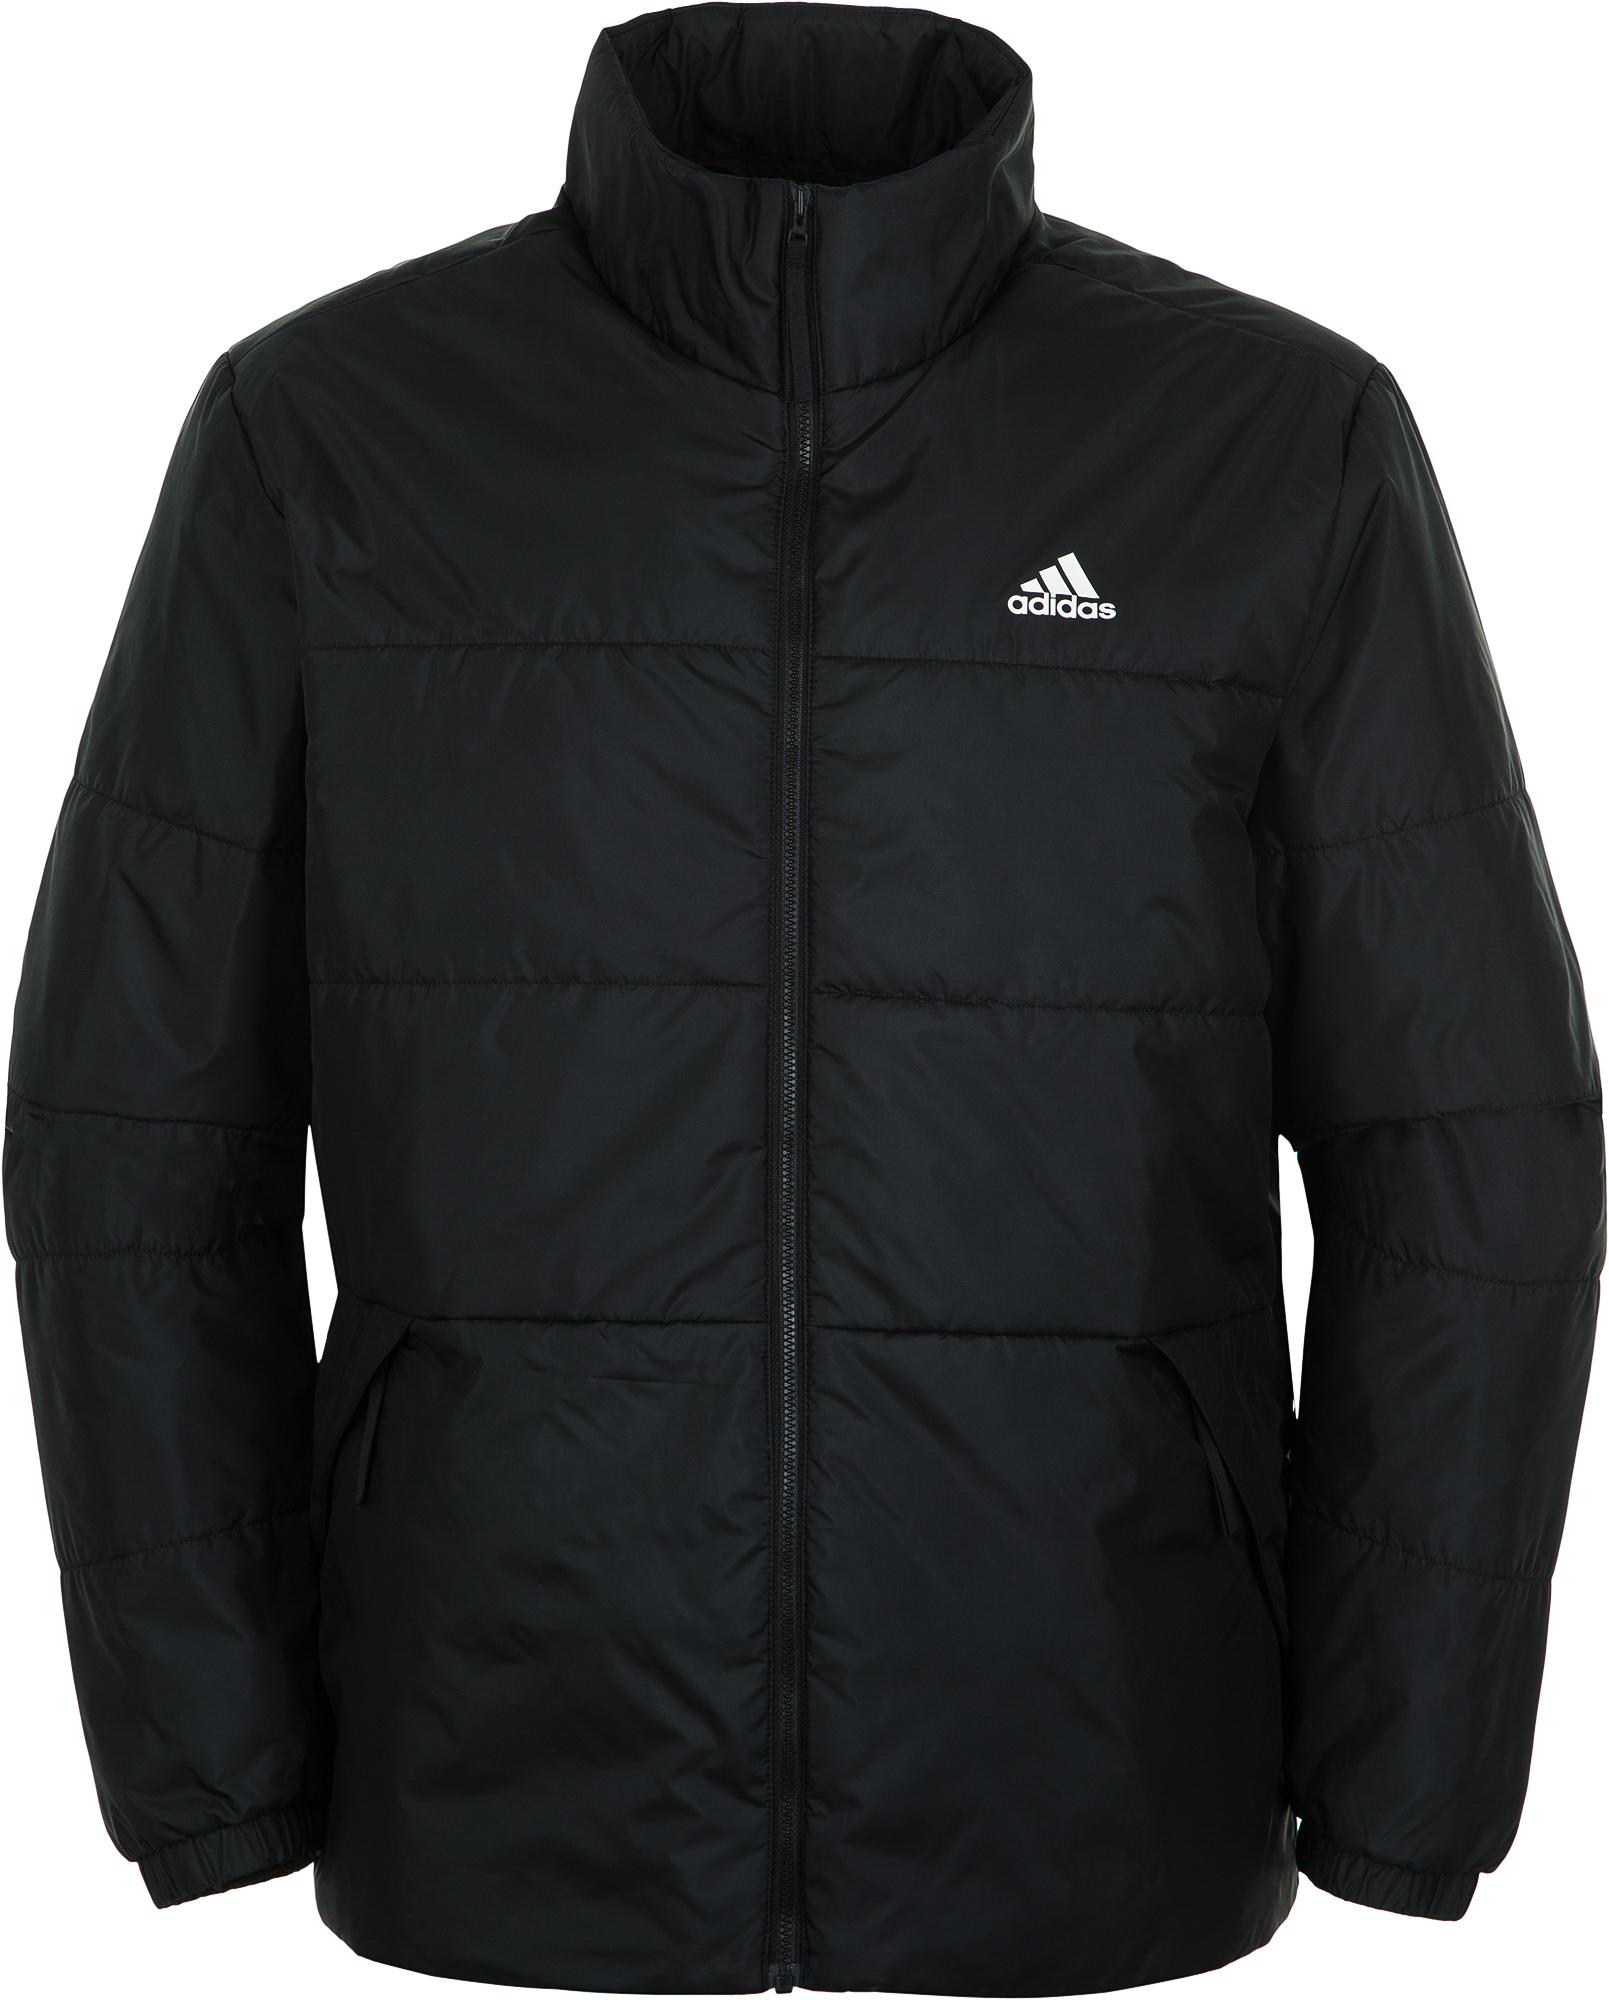 Adidas Куртка утепленная мужская Adidas Basic, размер 56 цена